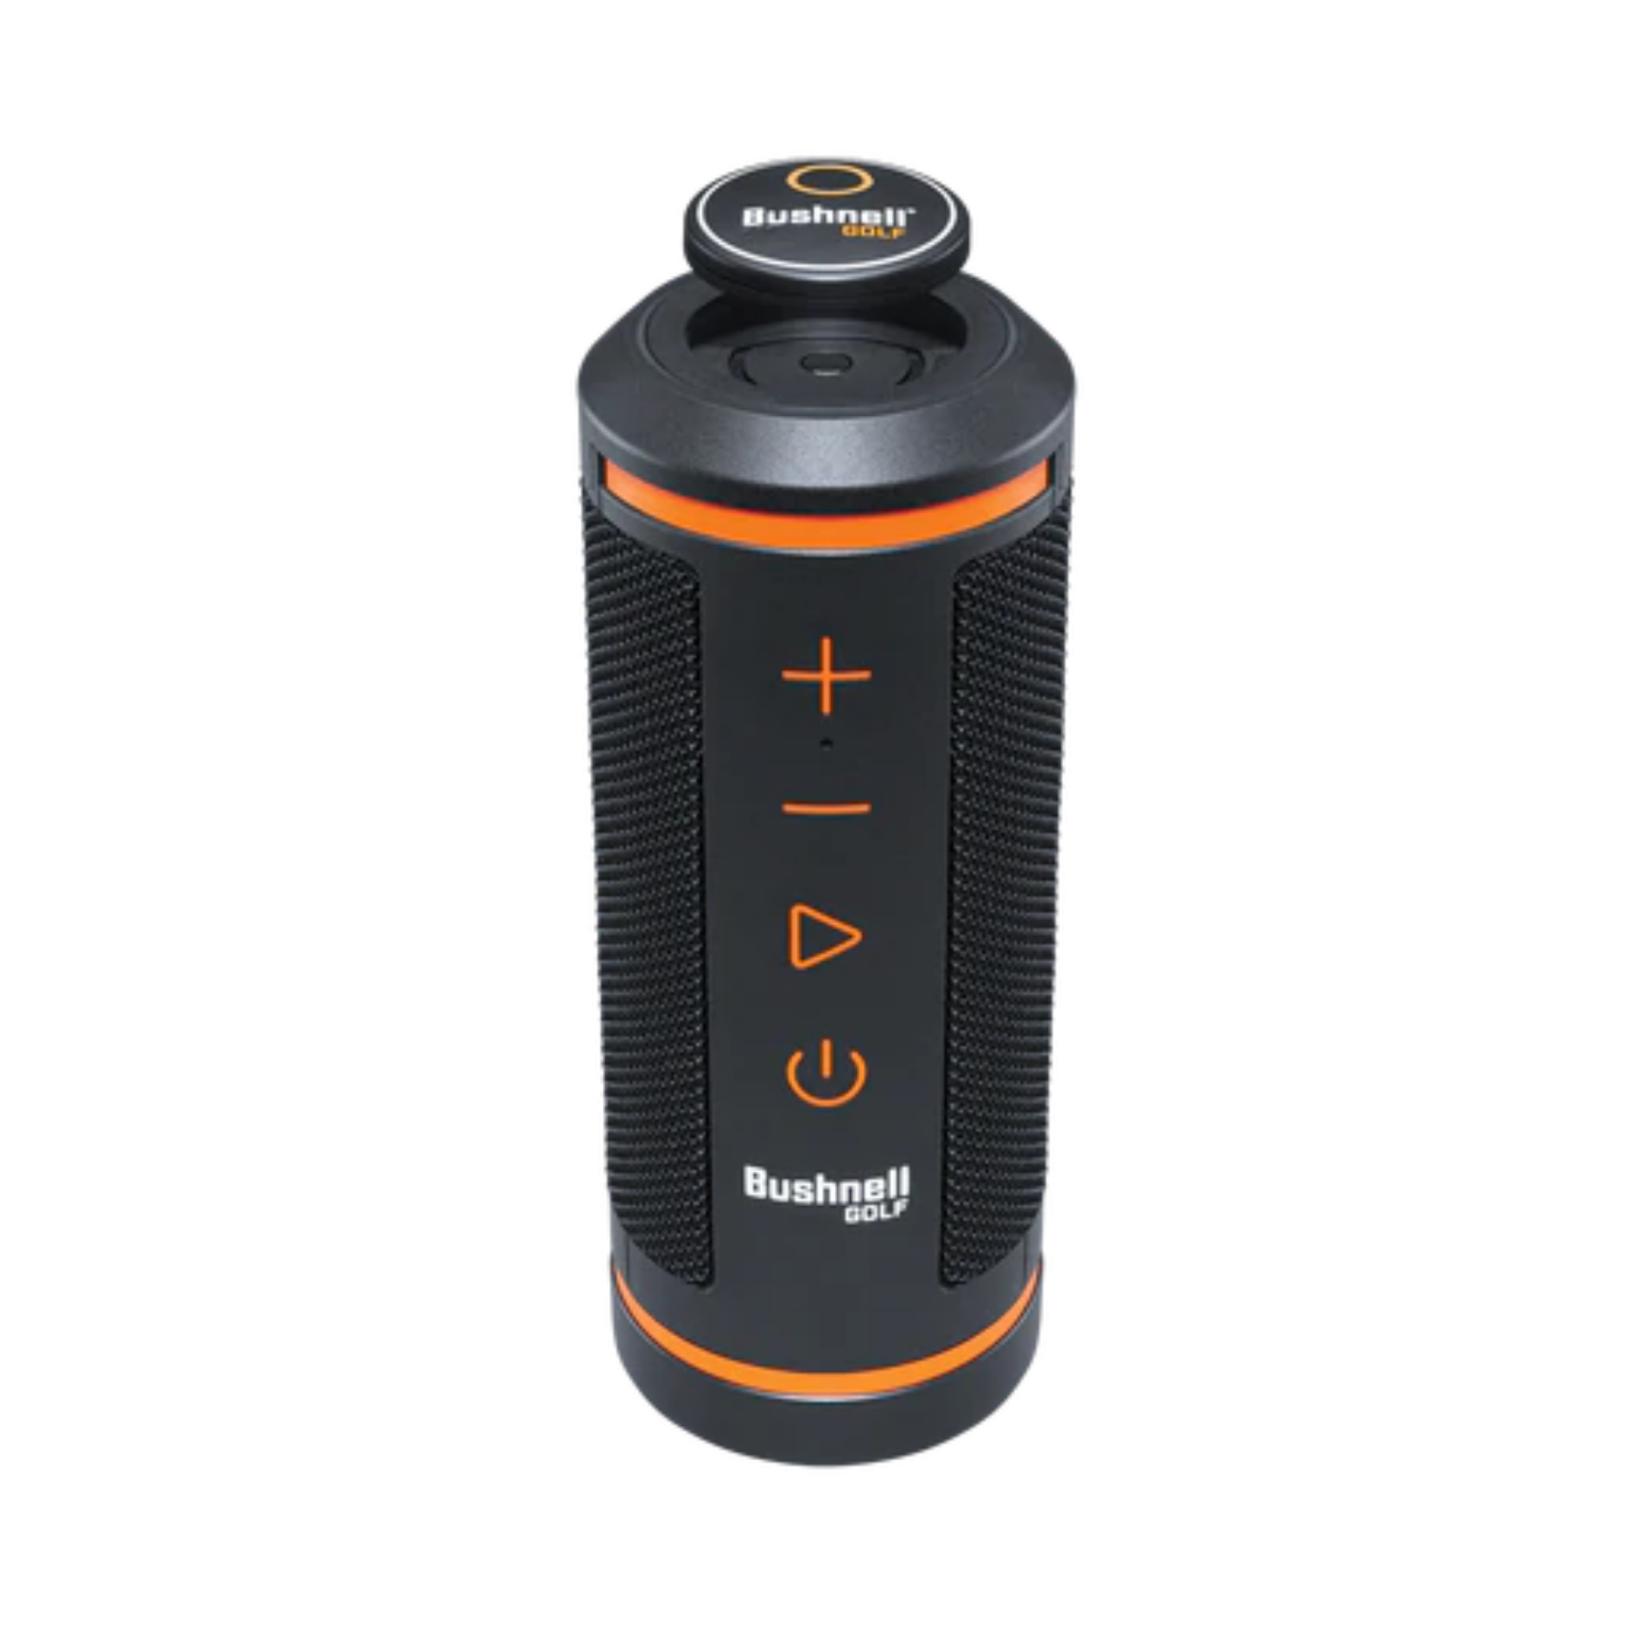 Bushnell Wingman Black Golf Speaker/GPS